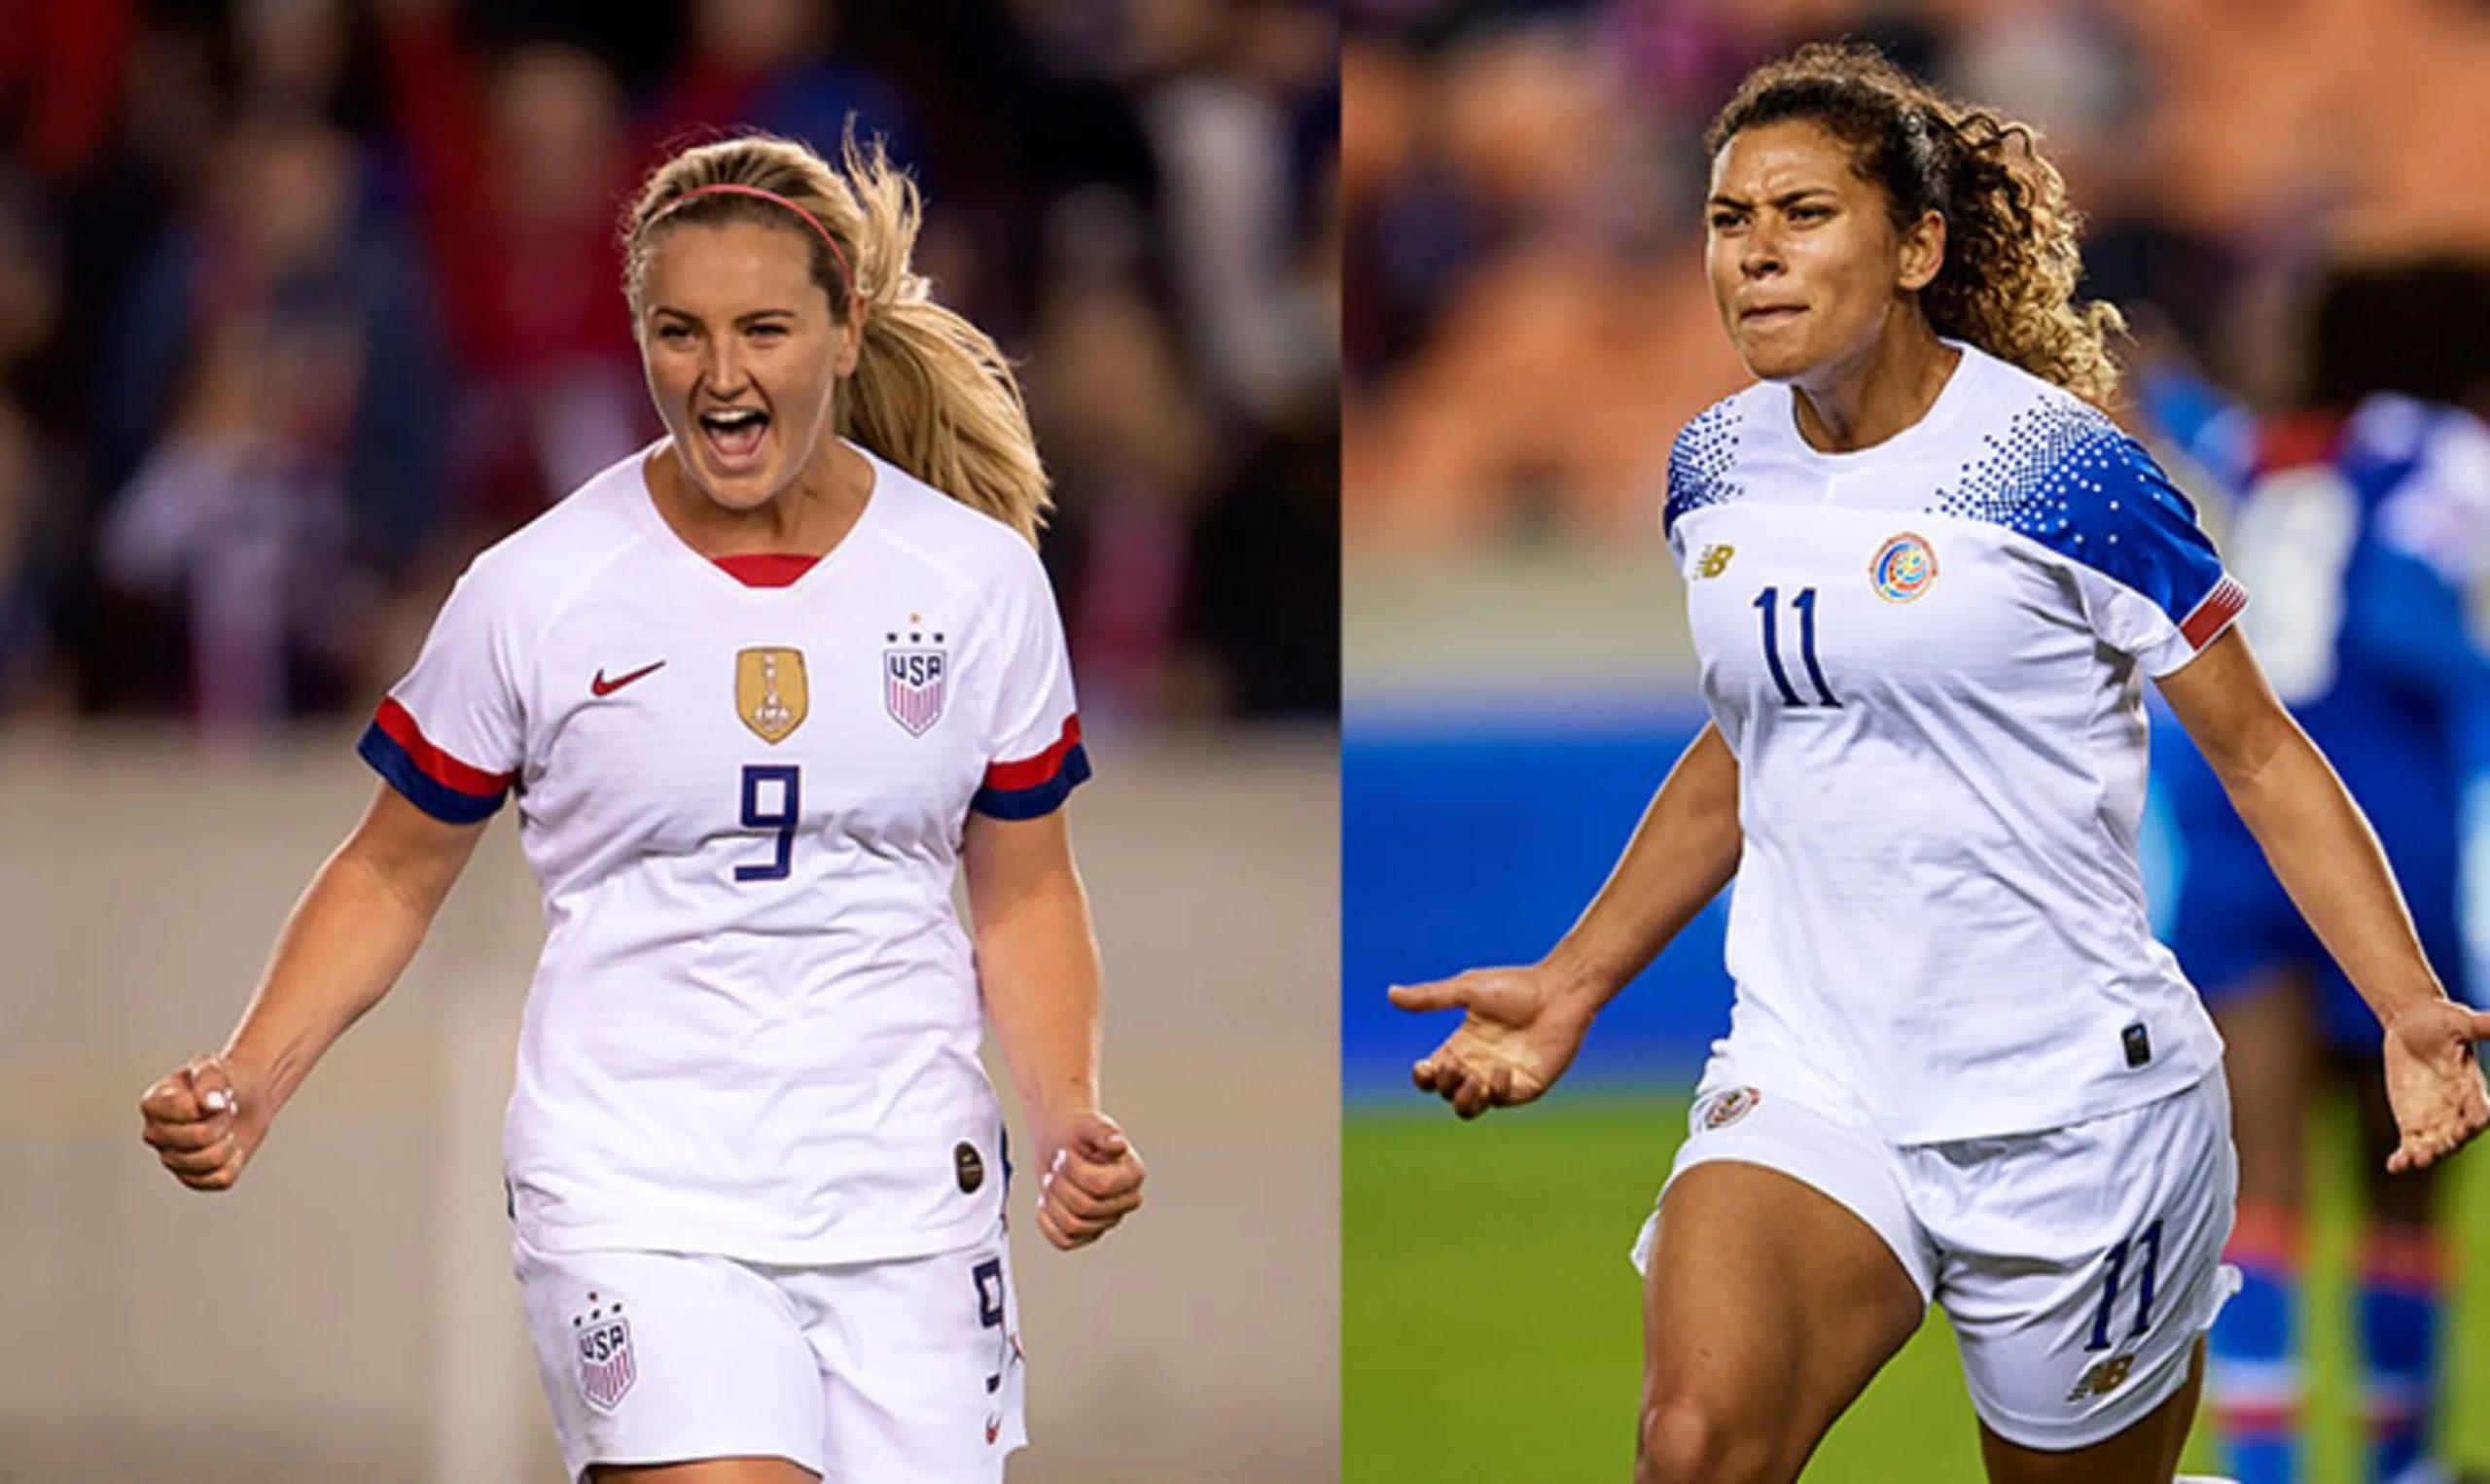 Estados Unidos y Costa Rica definirán este lunes el primer lugar del grupo.